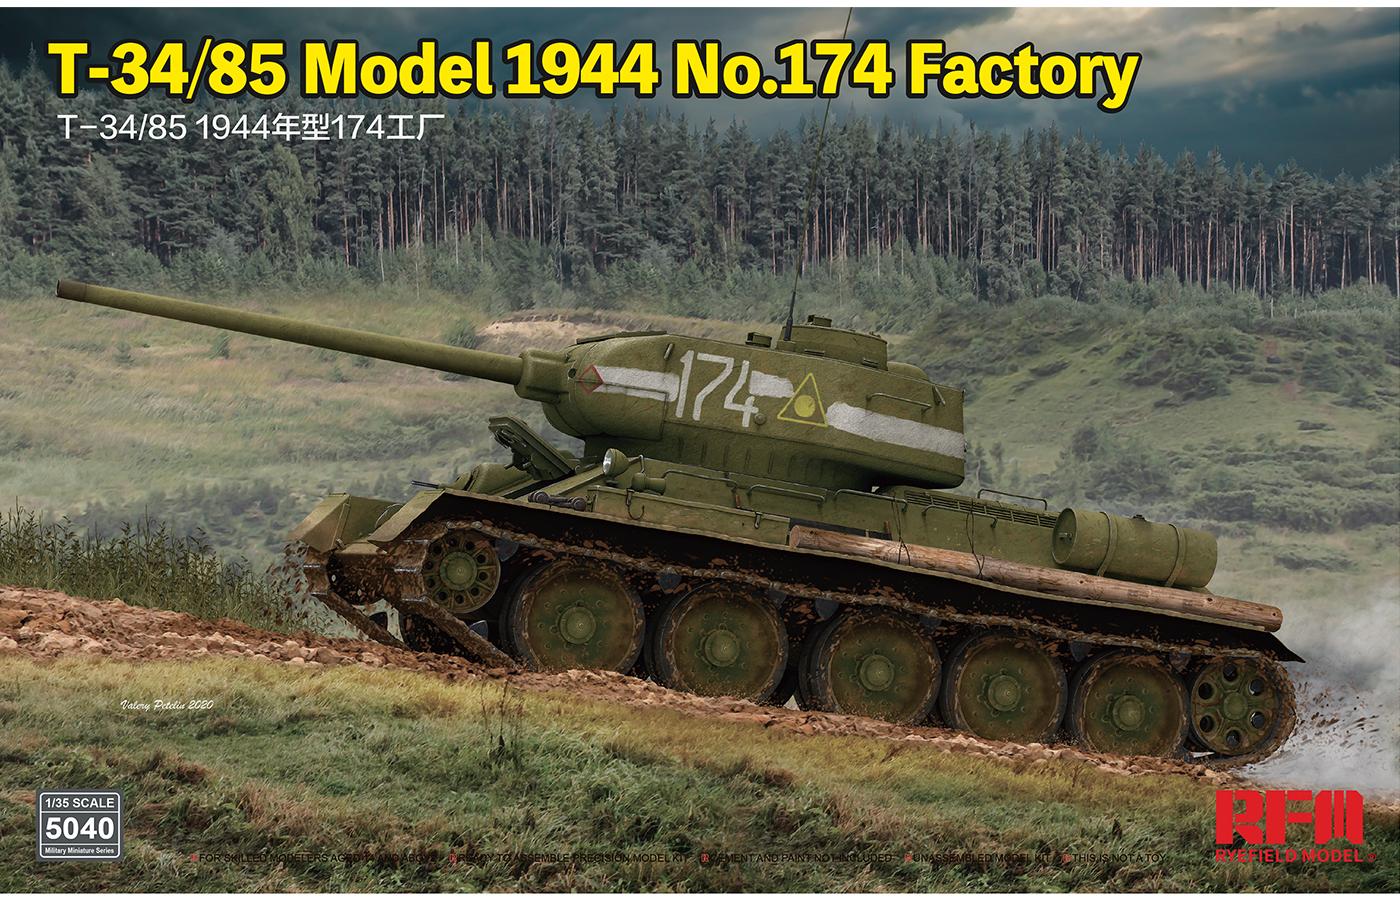 RM-5040 T-34/85 Model 1944 No.174 Factory